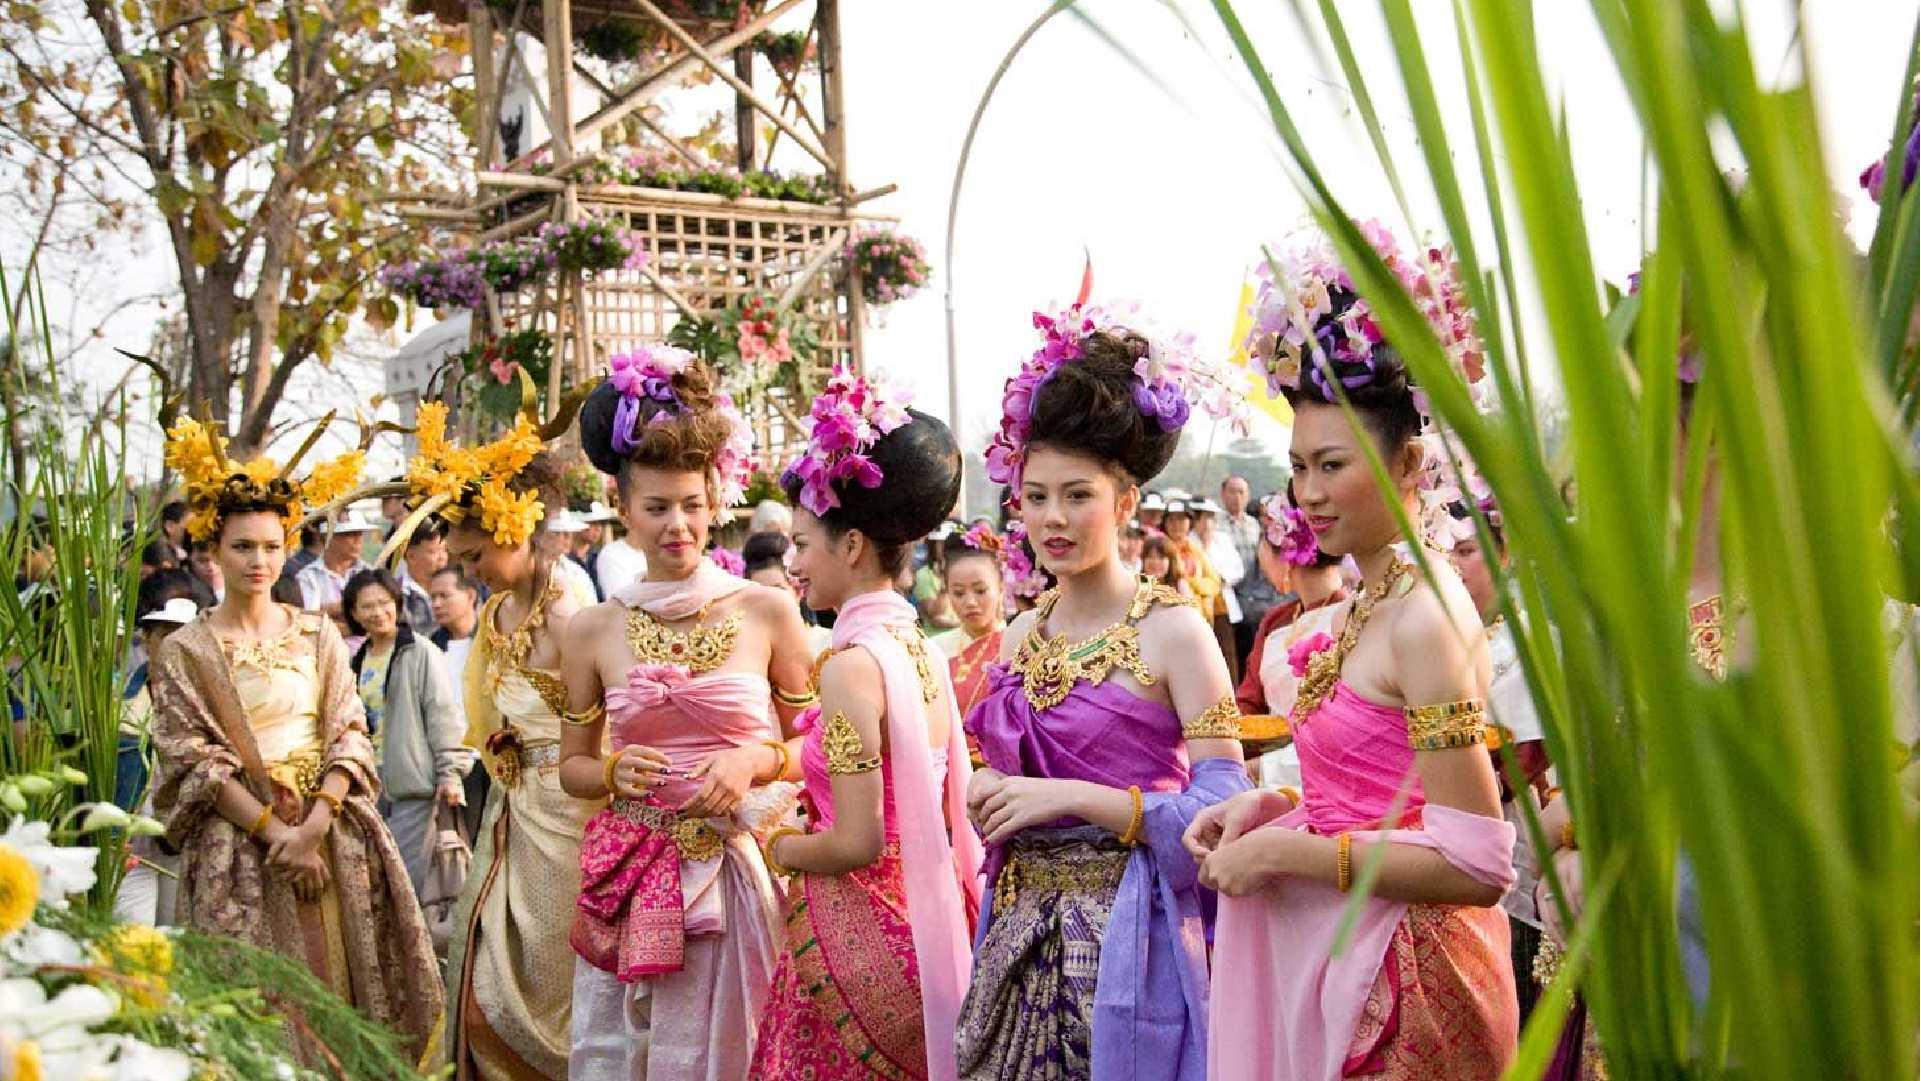 11Flower Festival of Chiang Mai